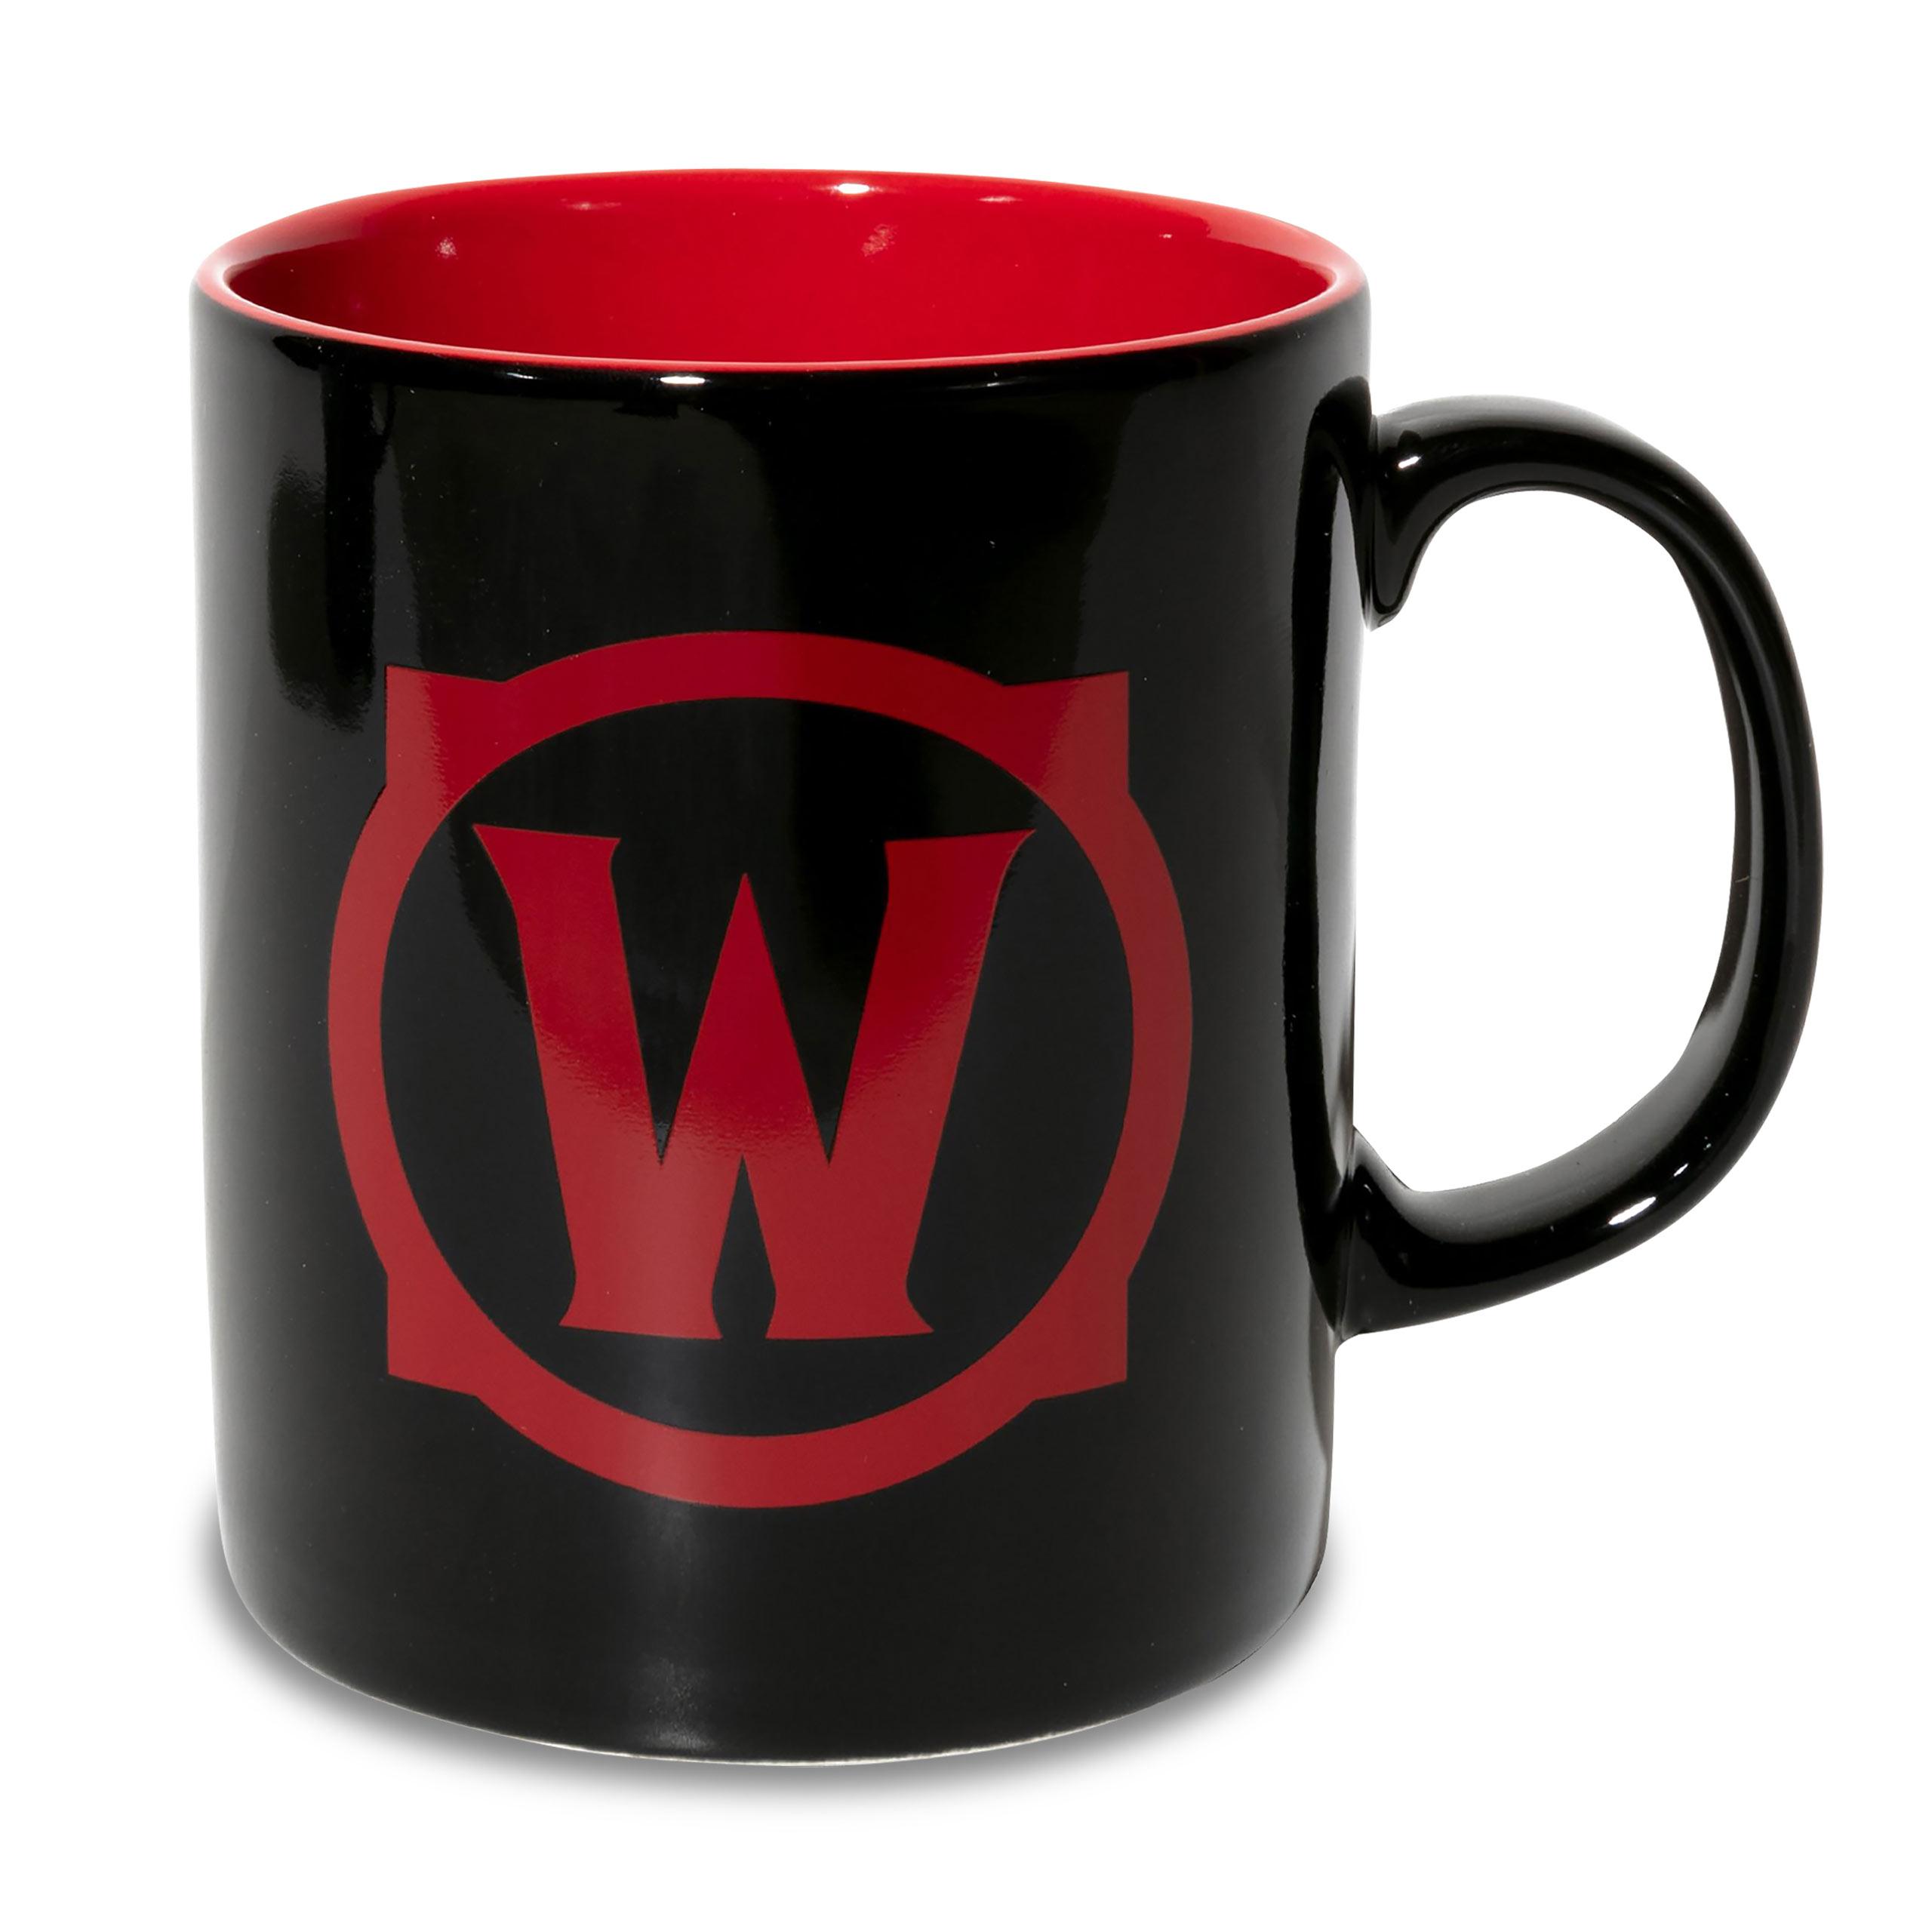 World of Warcraft - For the Horde Tasse schwarz-rot